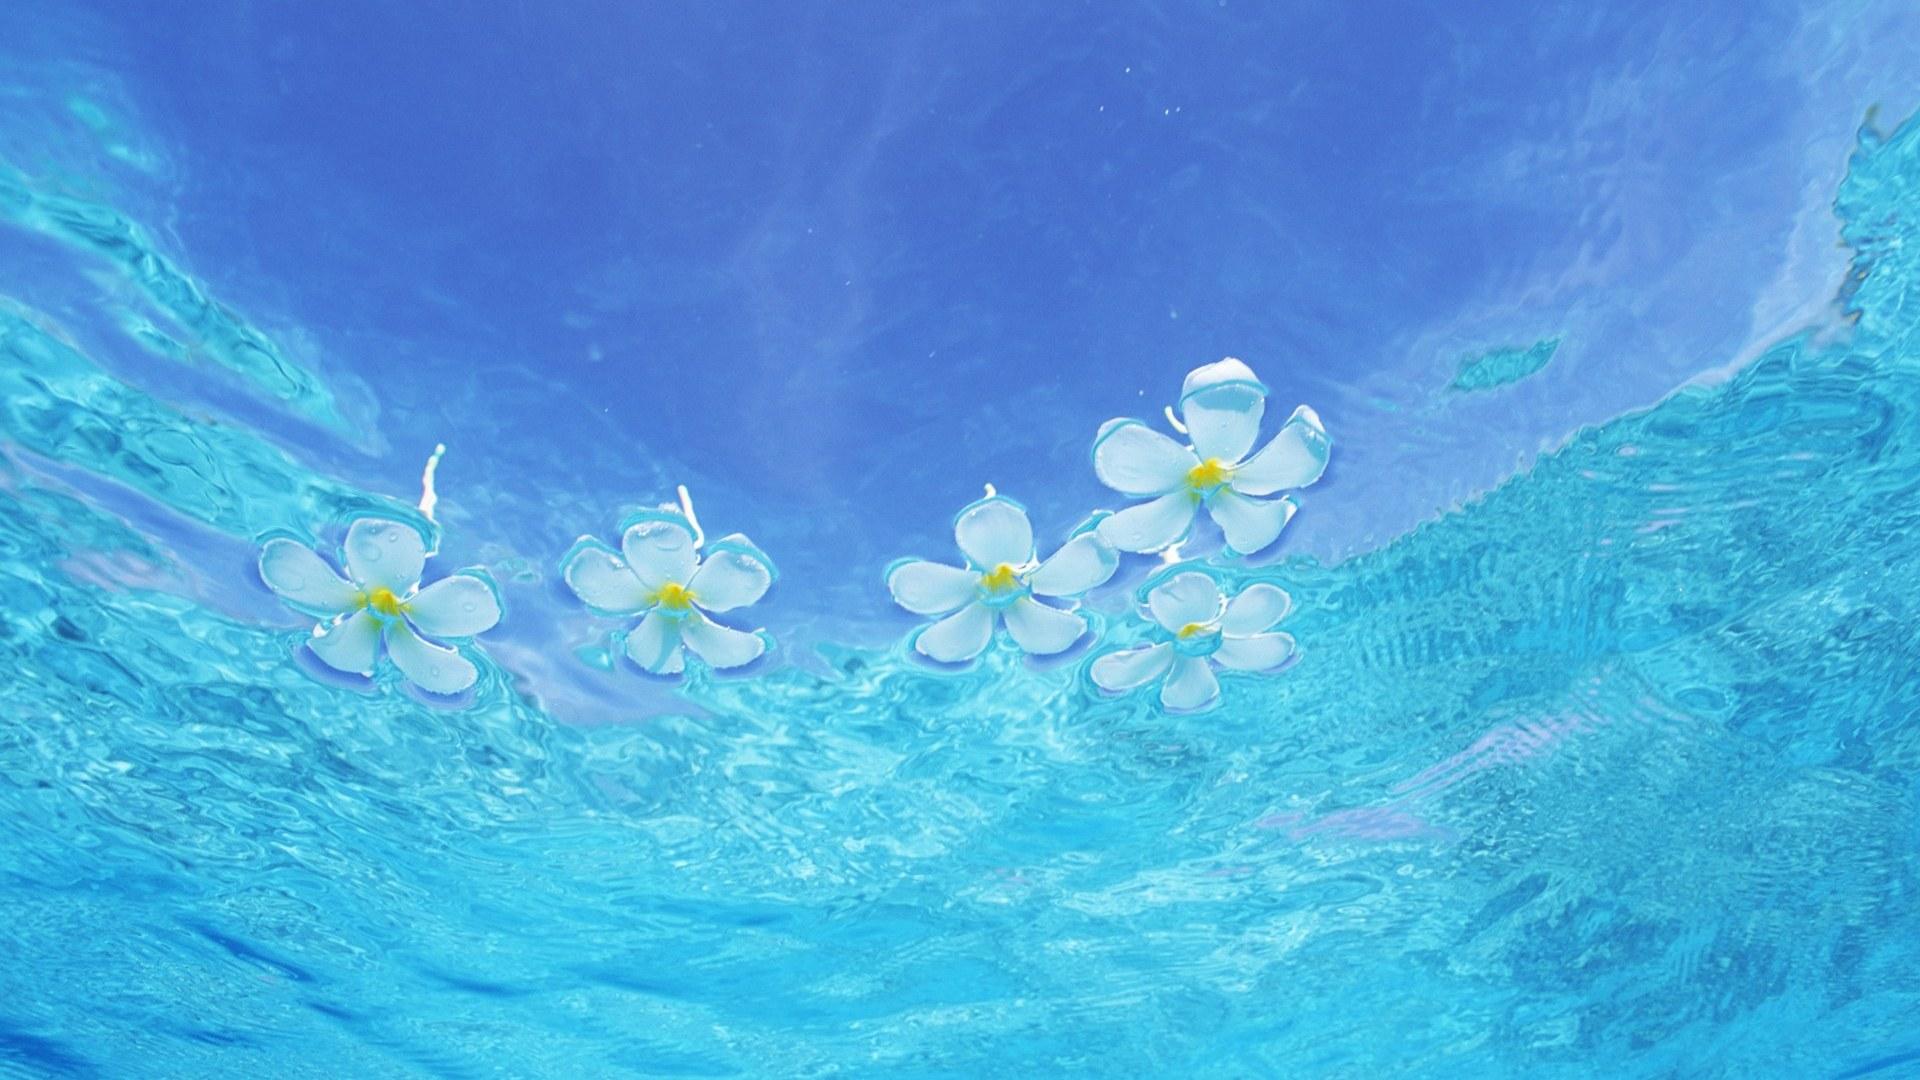 Water Computer Wallpapers Desktop Backgrounds 1920x1080 1920x1080